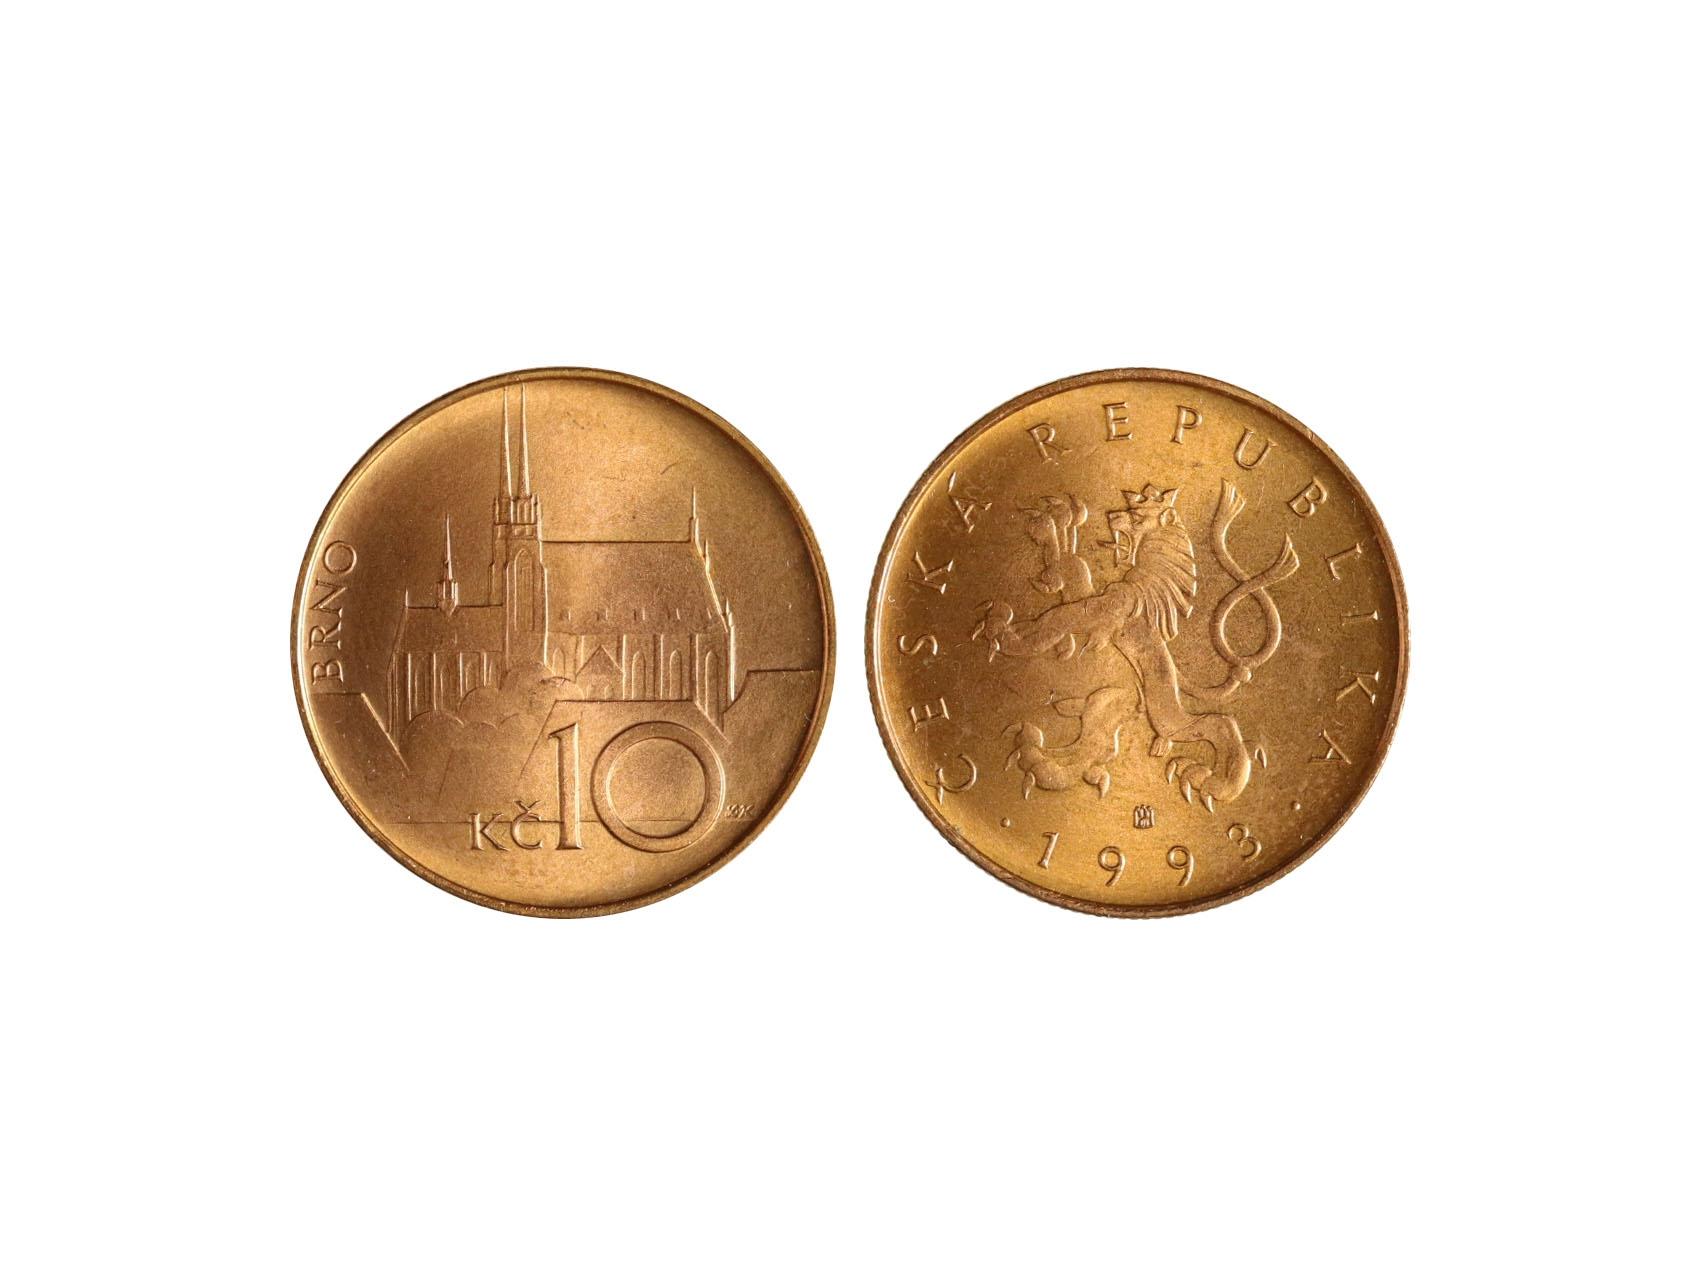 10 Kč 1993 varianta, reliéf rubu nižší, písmena Kč menší, účelový odražek, náklad 1000 ks, stav mince - nádherný stav, ražební lesk, potvrzení autentičnosti od JUDr. Moravce